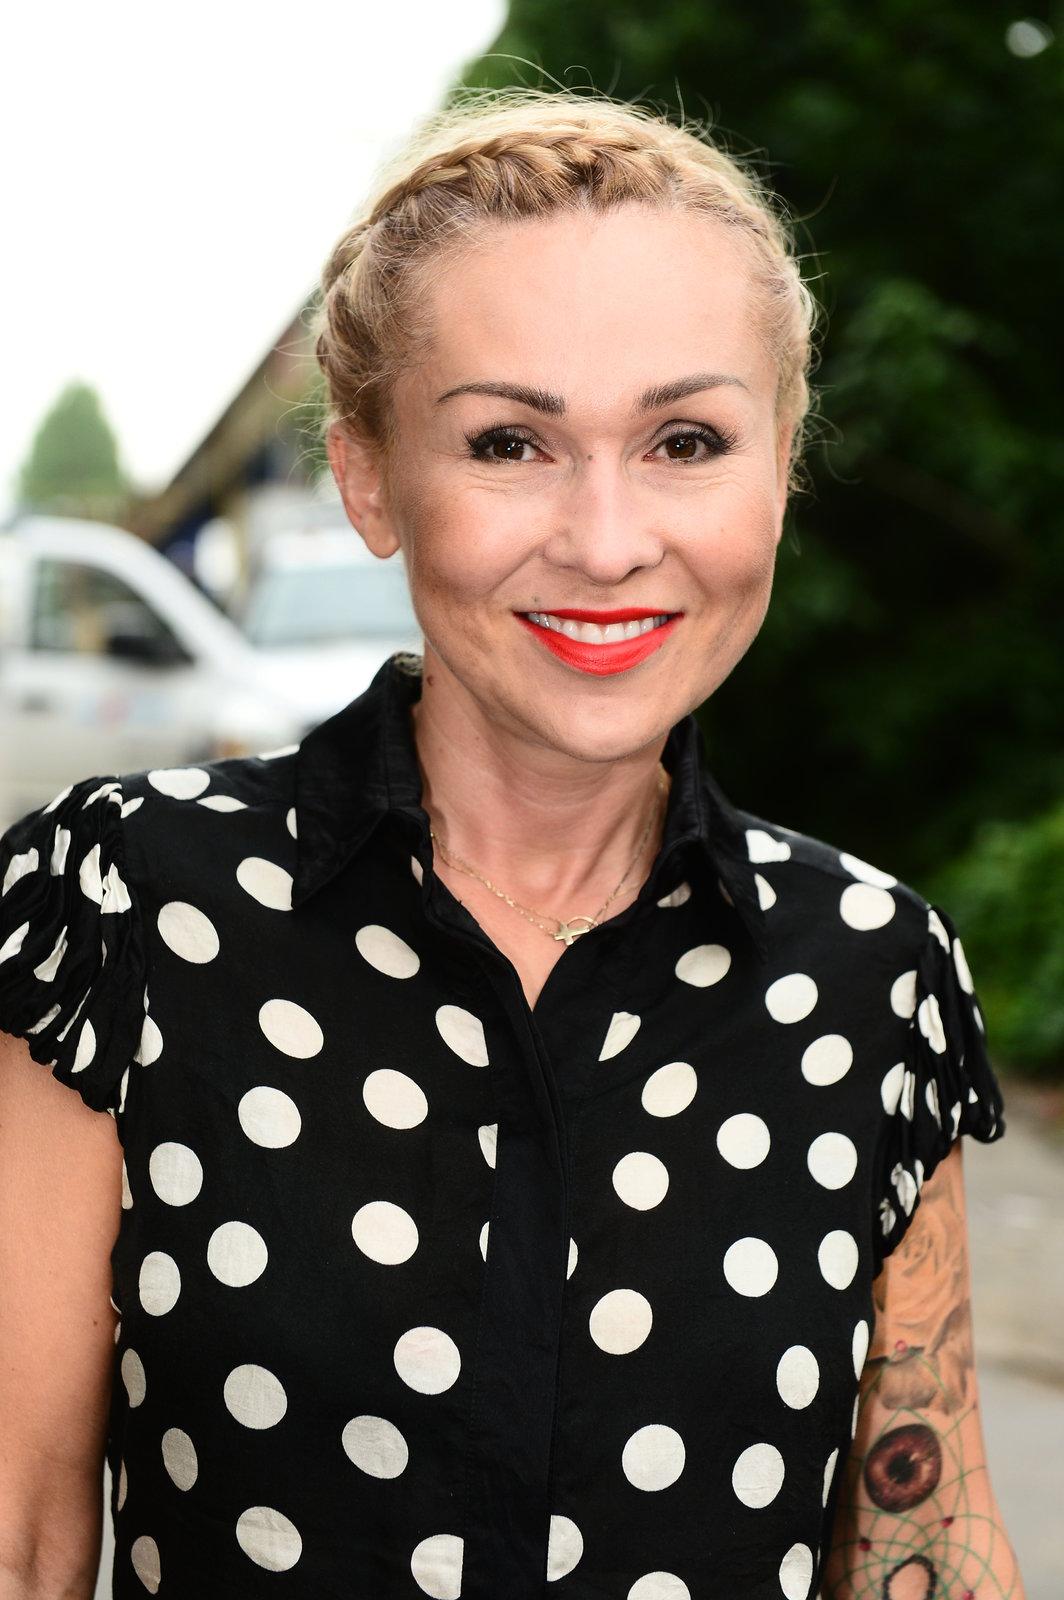 Kateřina Kaira Herčíková (Hrachovcová)